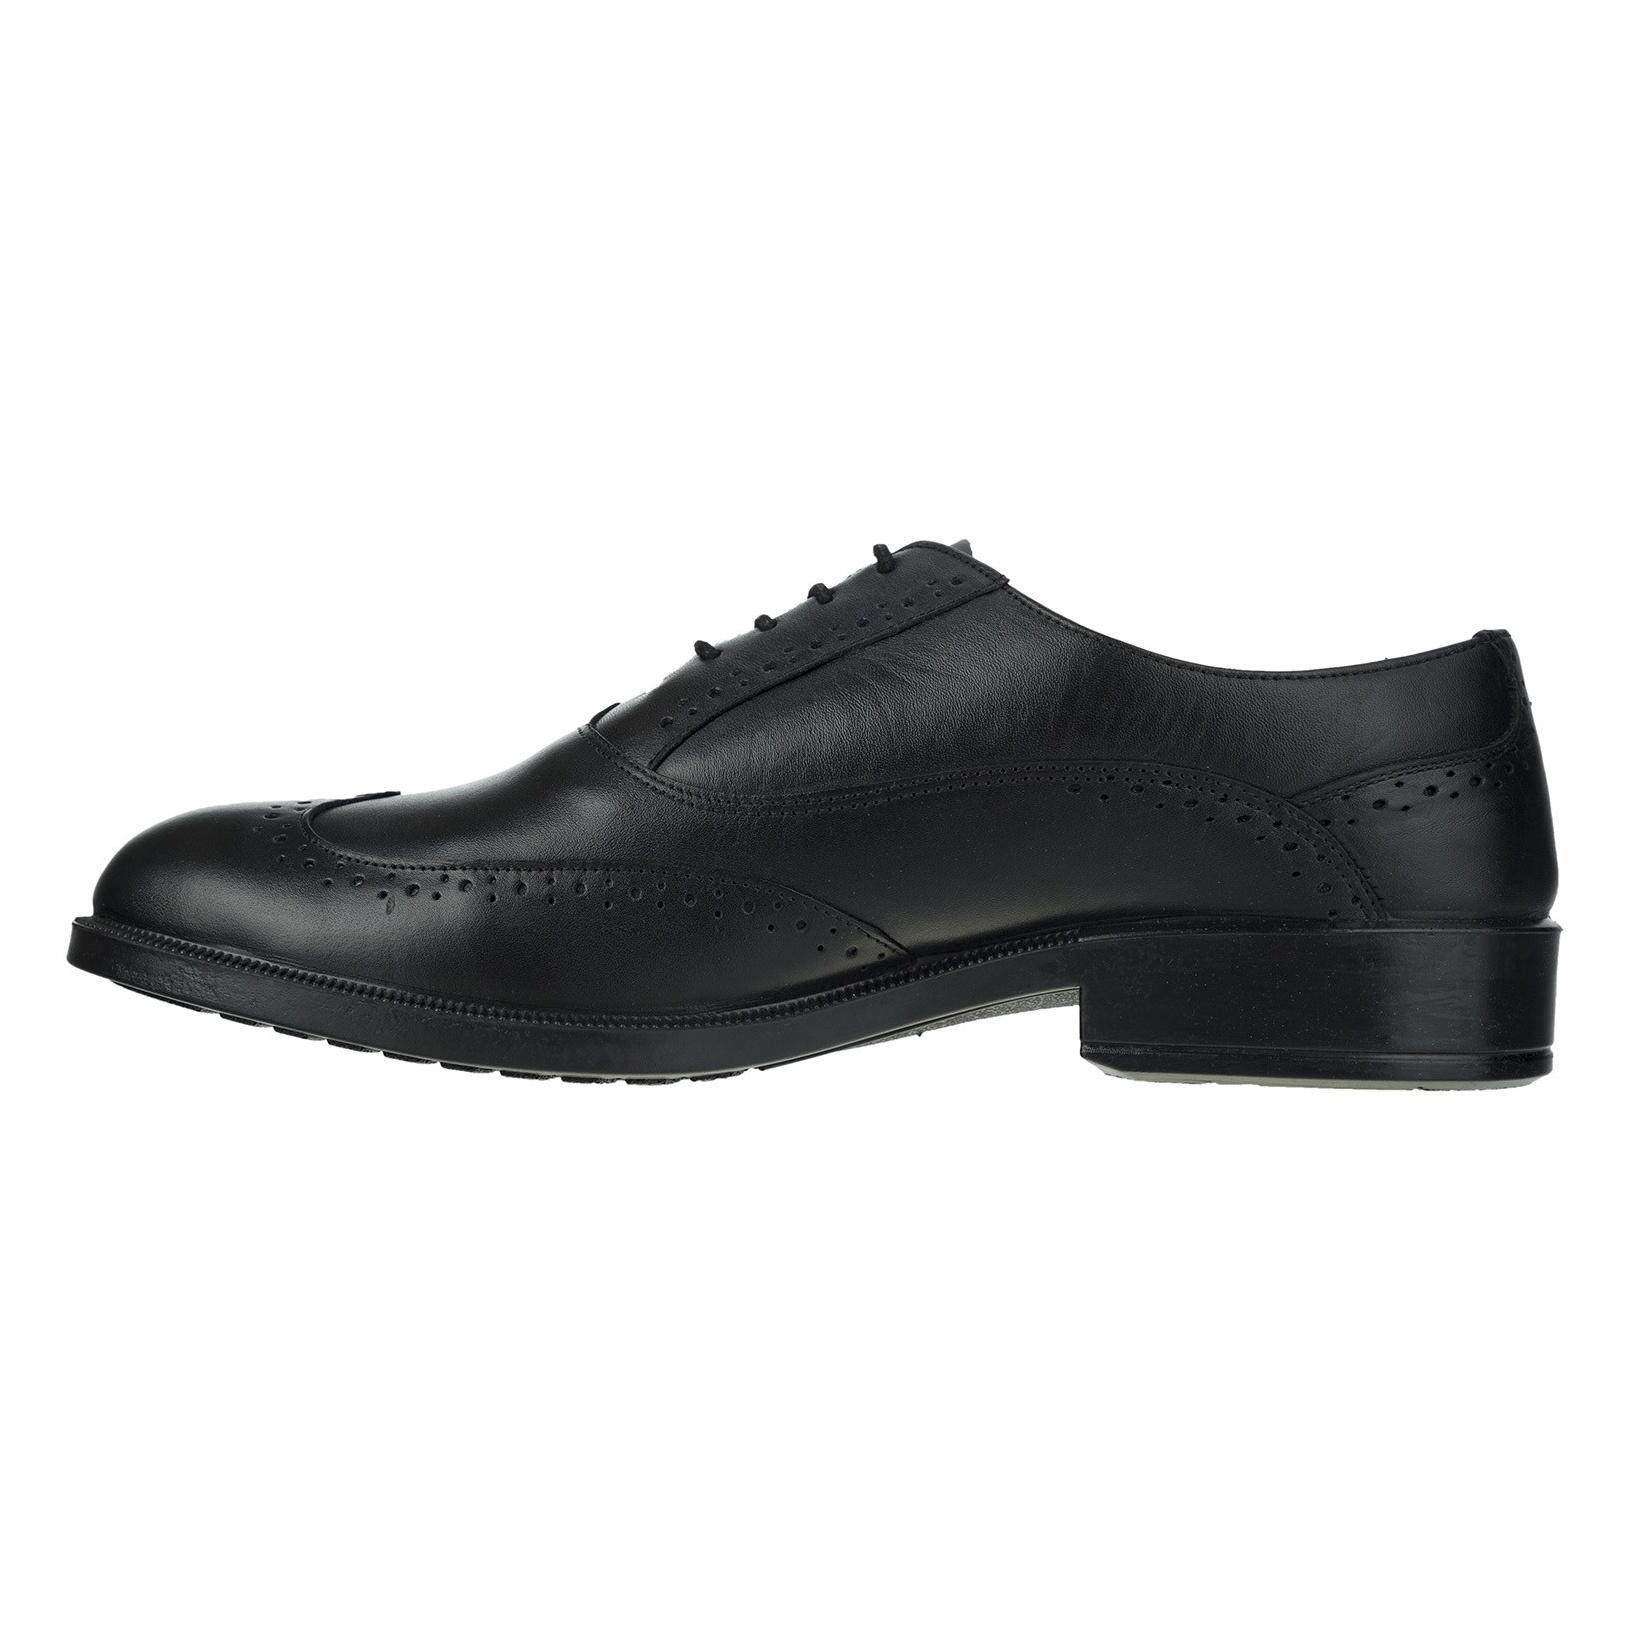 کفش رسمی چرم مردانه Lazzaro - دنیلی - مشکي - 2